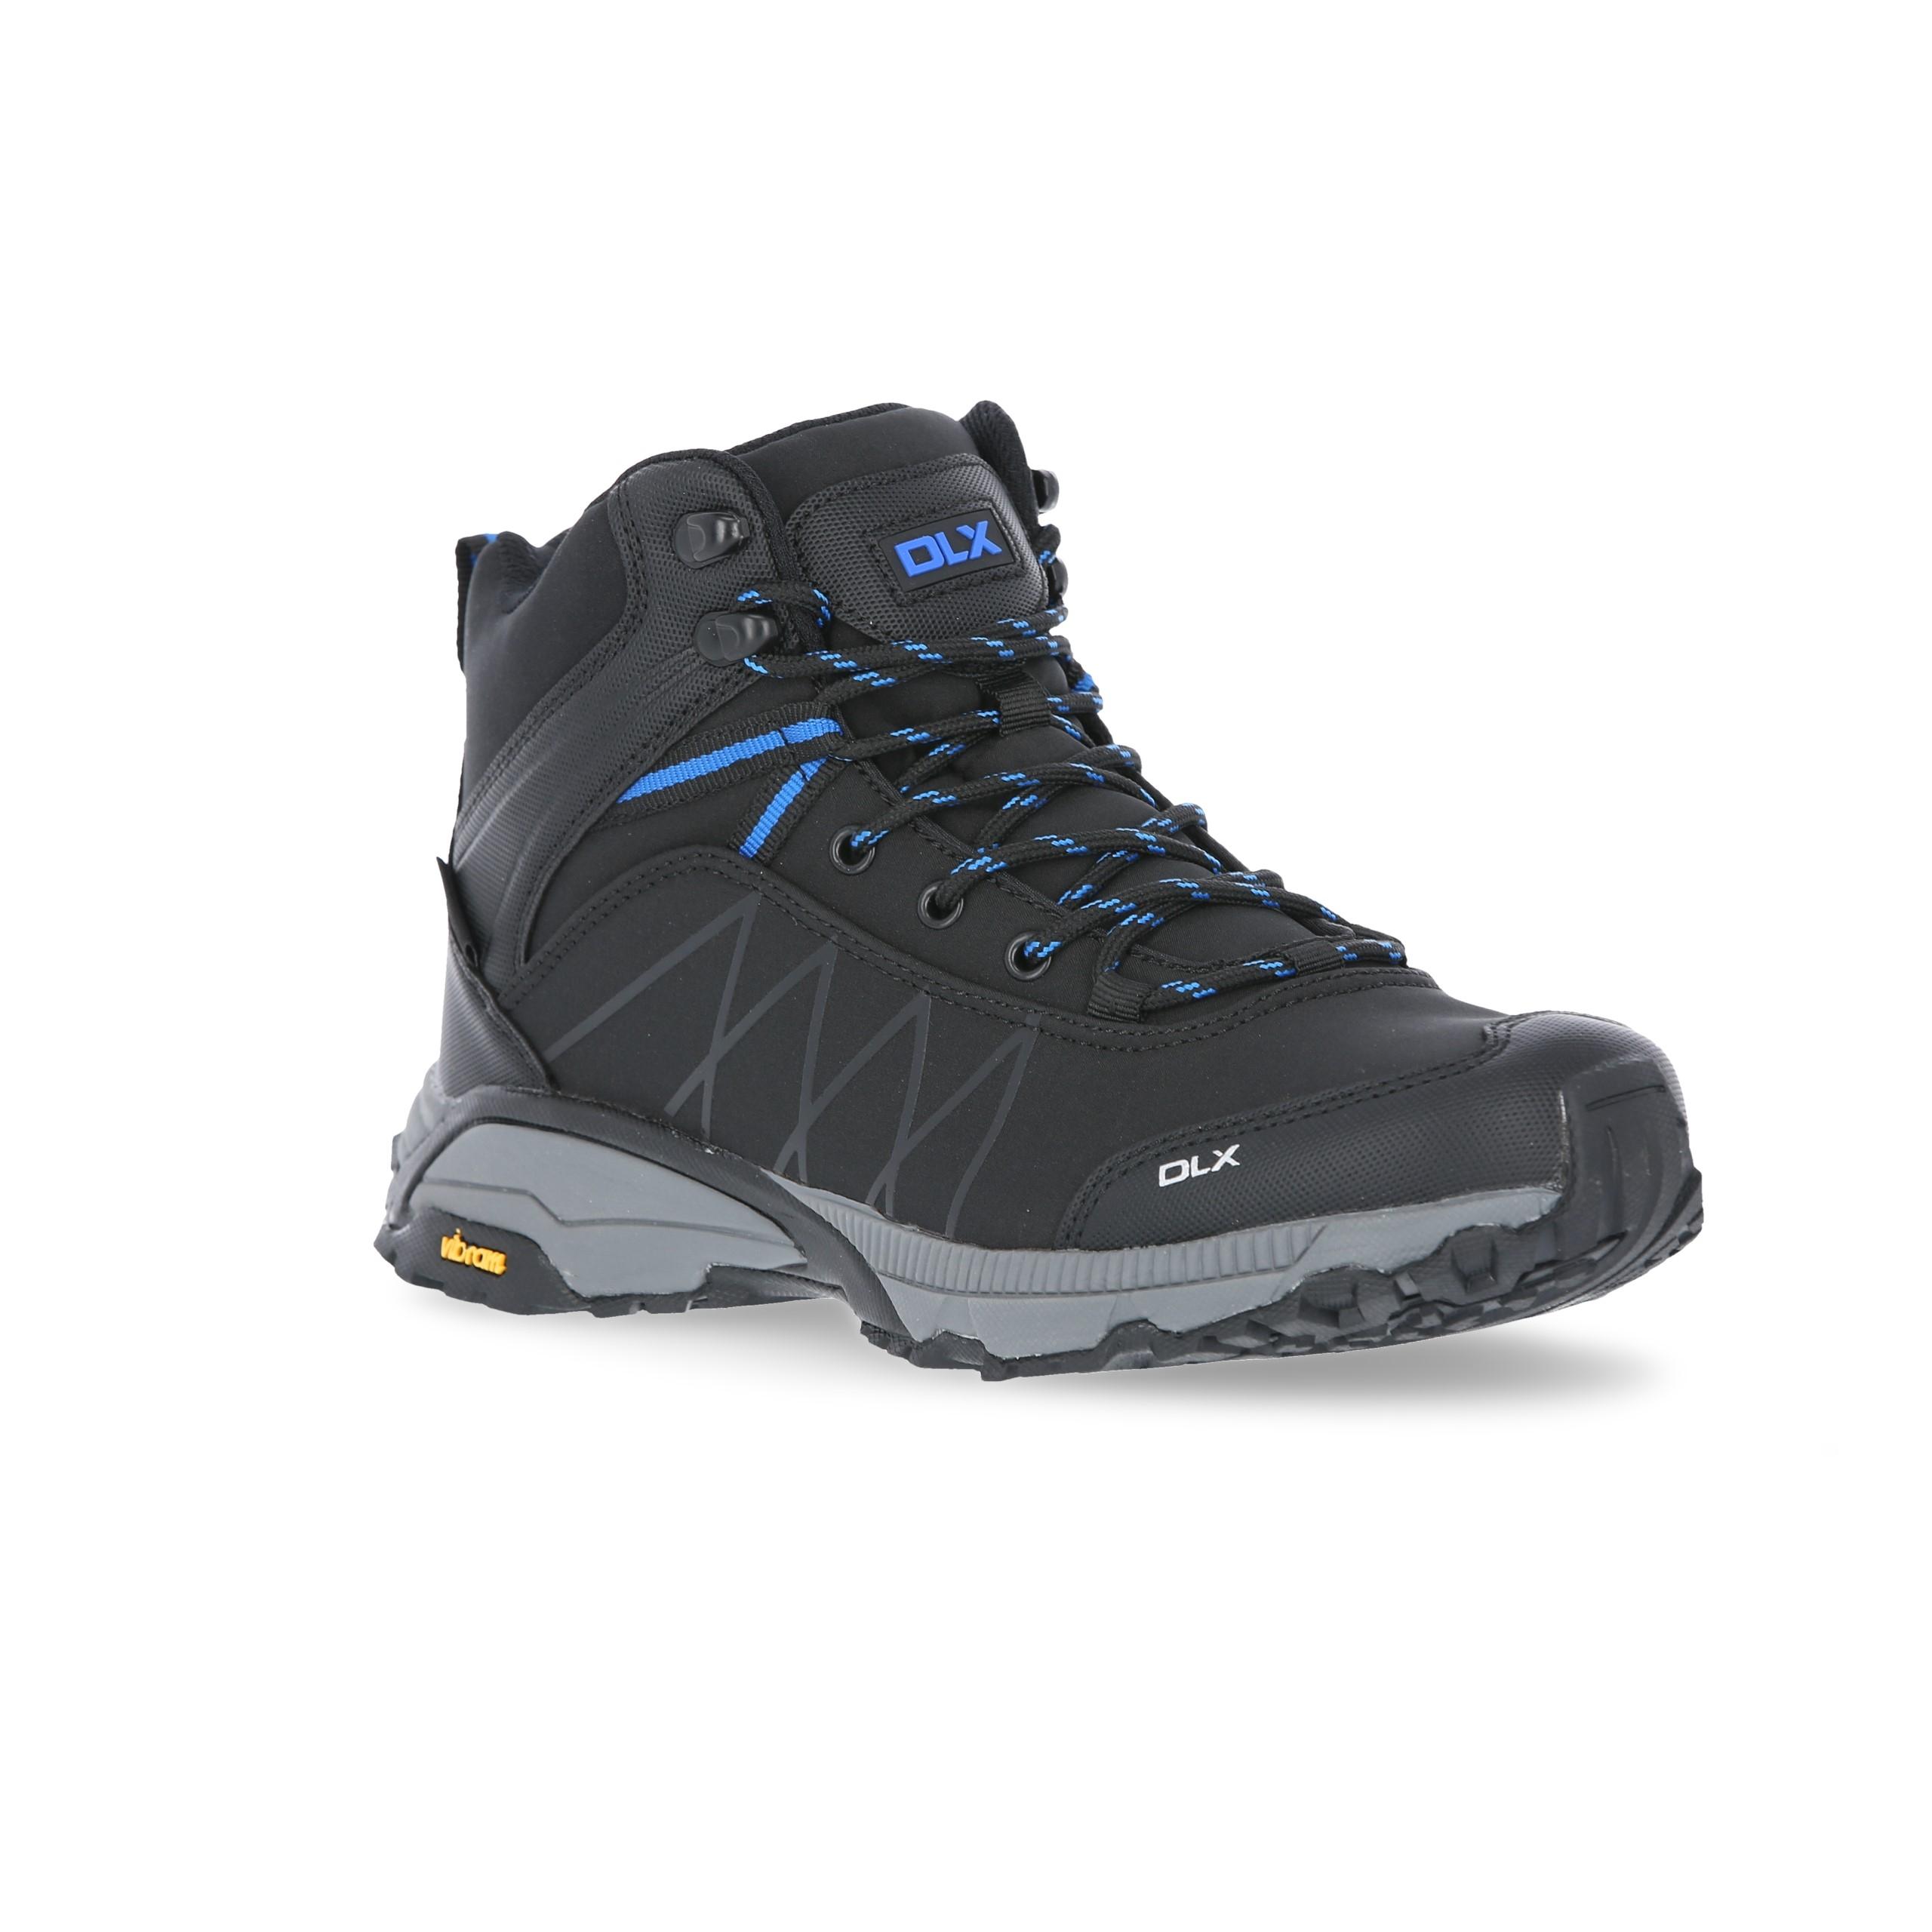 Rhythmic II Men's DLX Softshell Boots